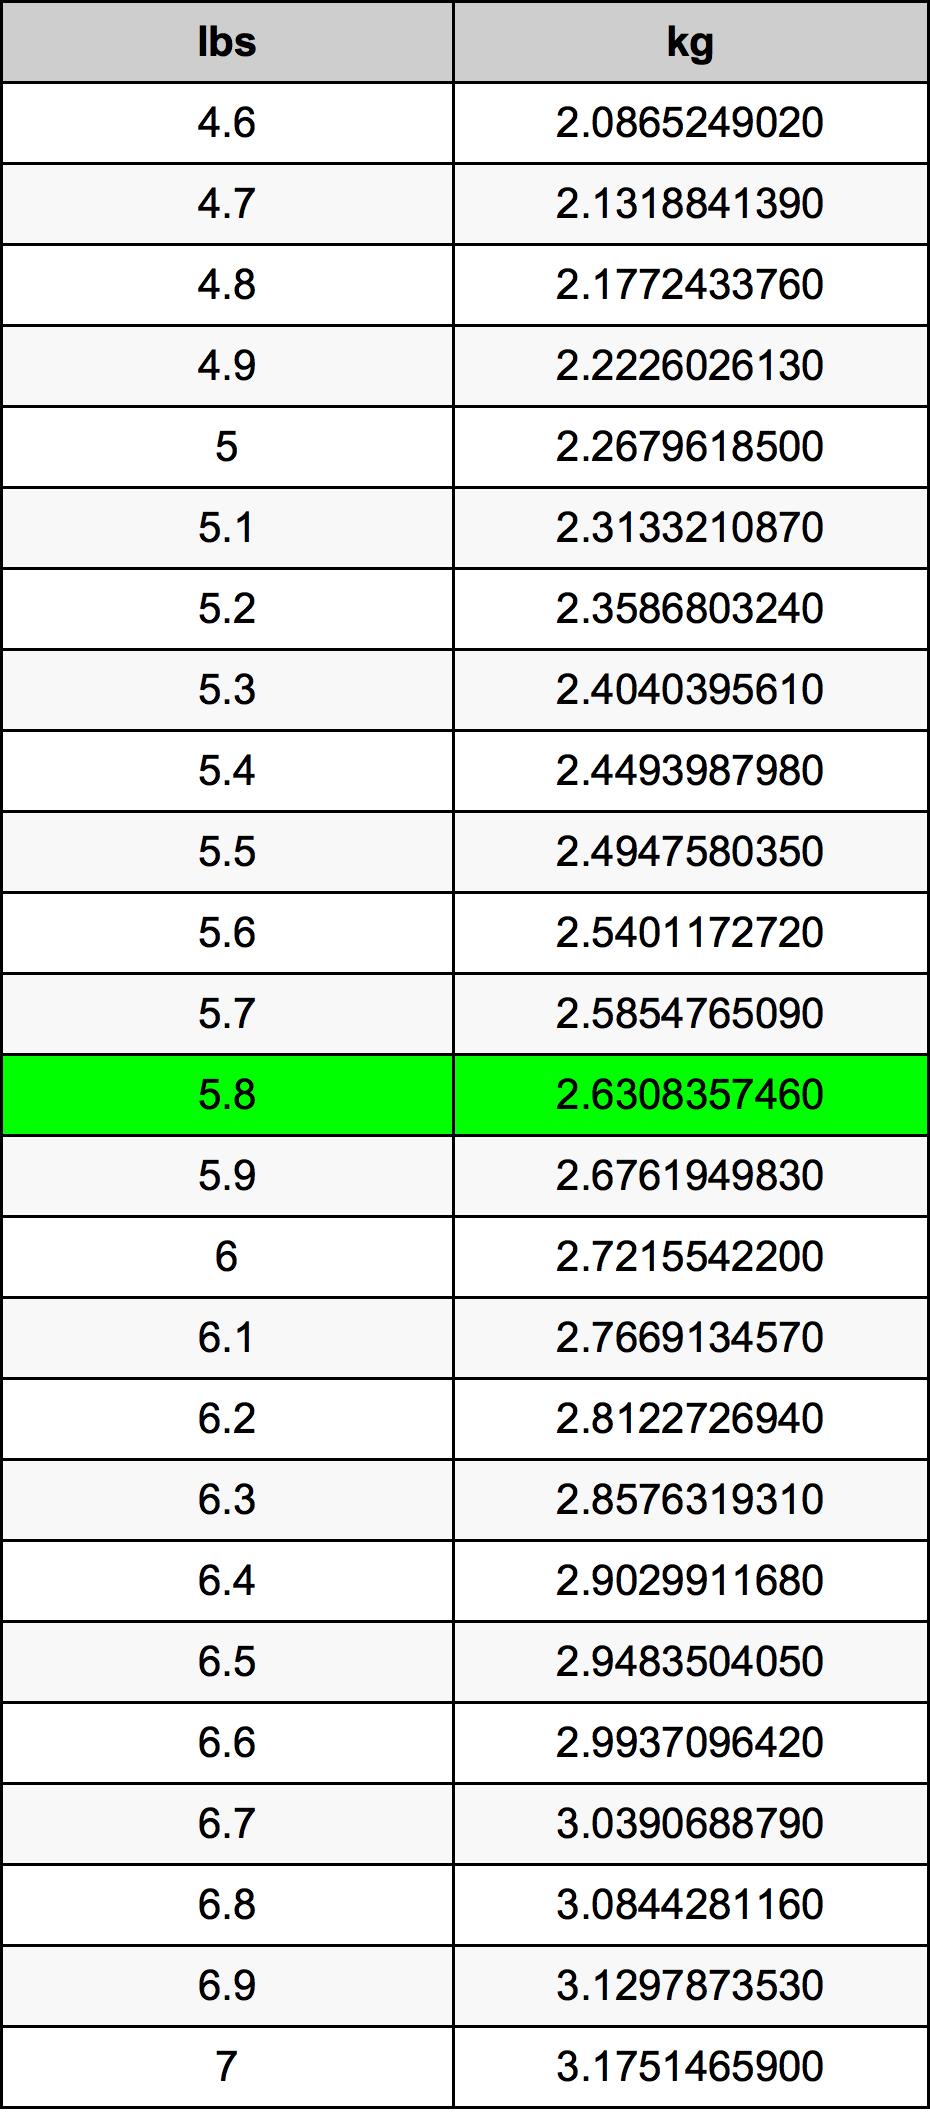 5.8 Svaras konversijos lentelę